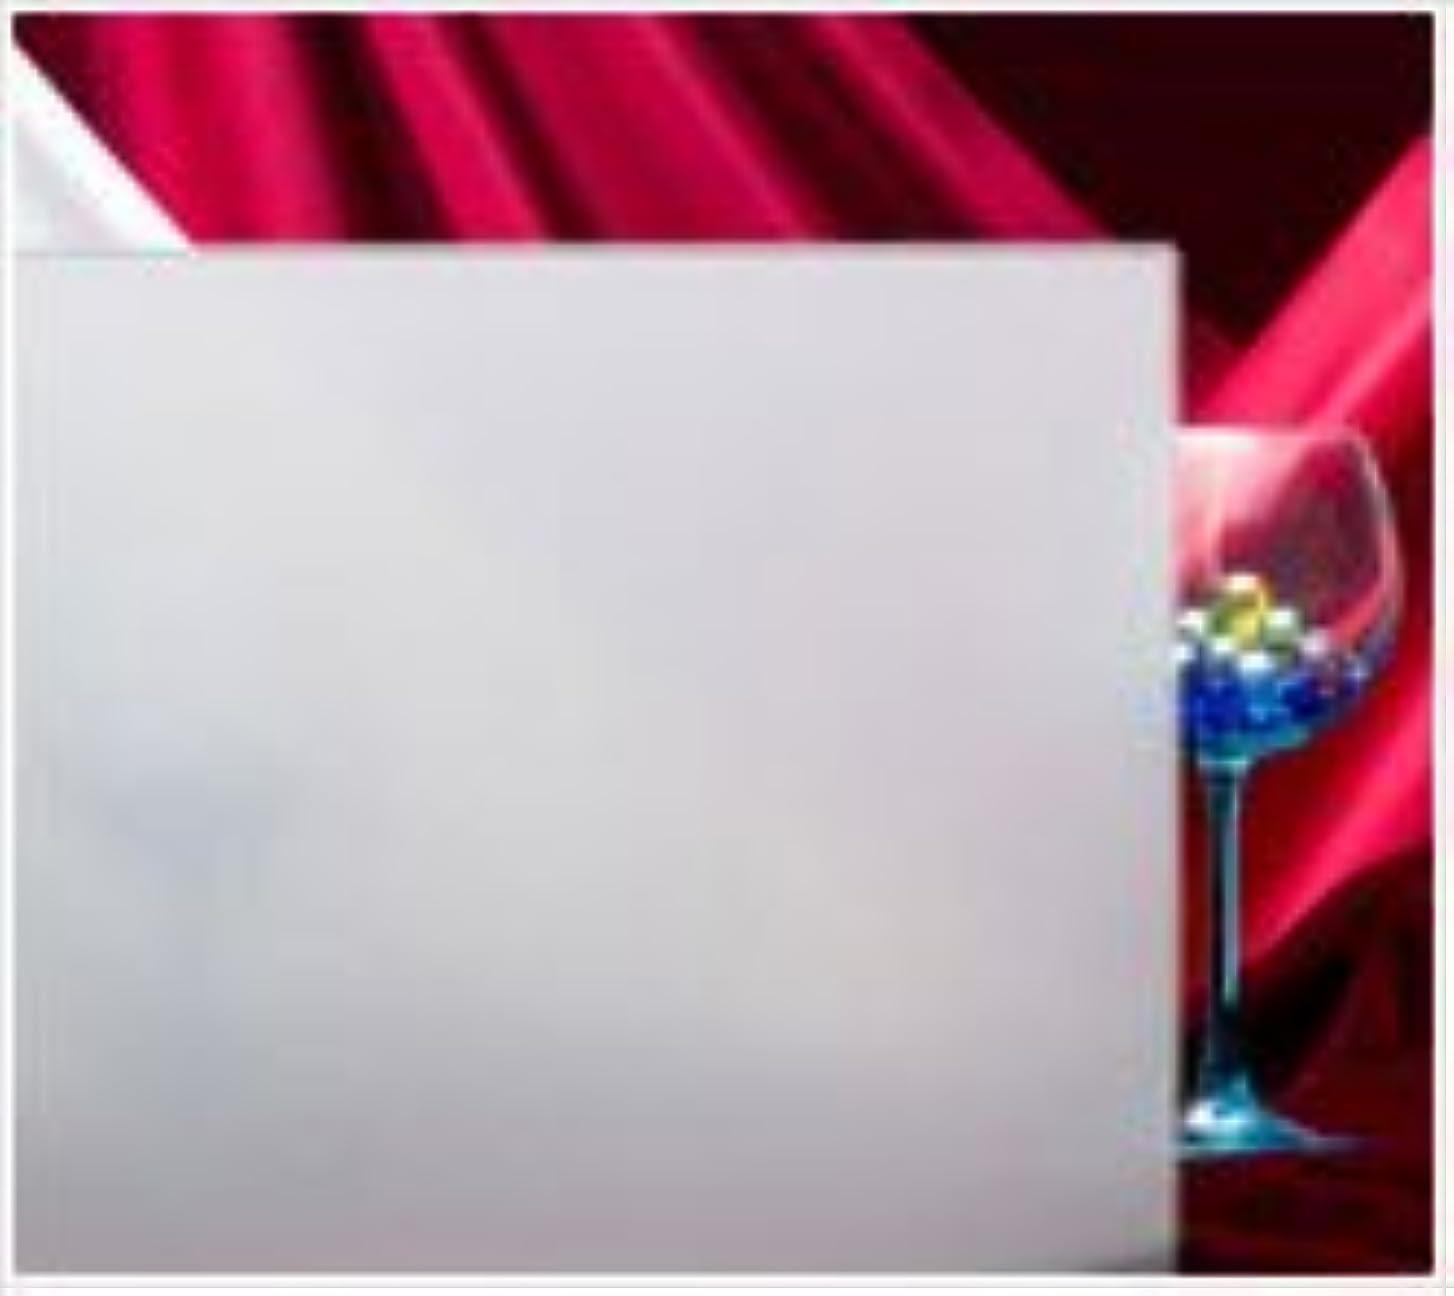 コンベンショントーナメントのスコアガラスフィルム 窓 UVカット 飛散防止 遮熱 防虫効果 NanoMAML (Nanoミルキーホワイト) <3M><ファサラ> ガラスフィルム 1270mmx1m 内貼り用 <マルチレイヤーNanoシリーズ>